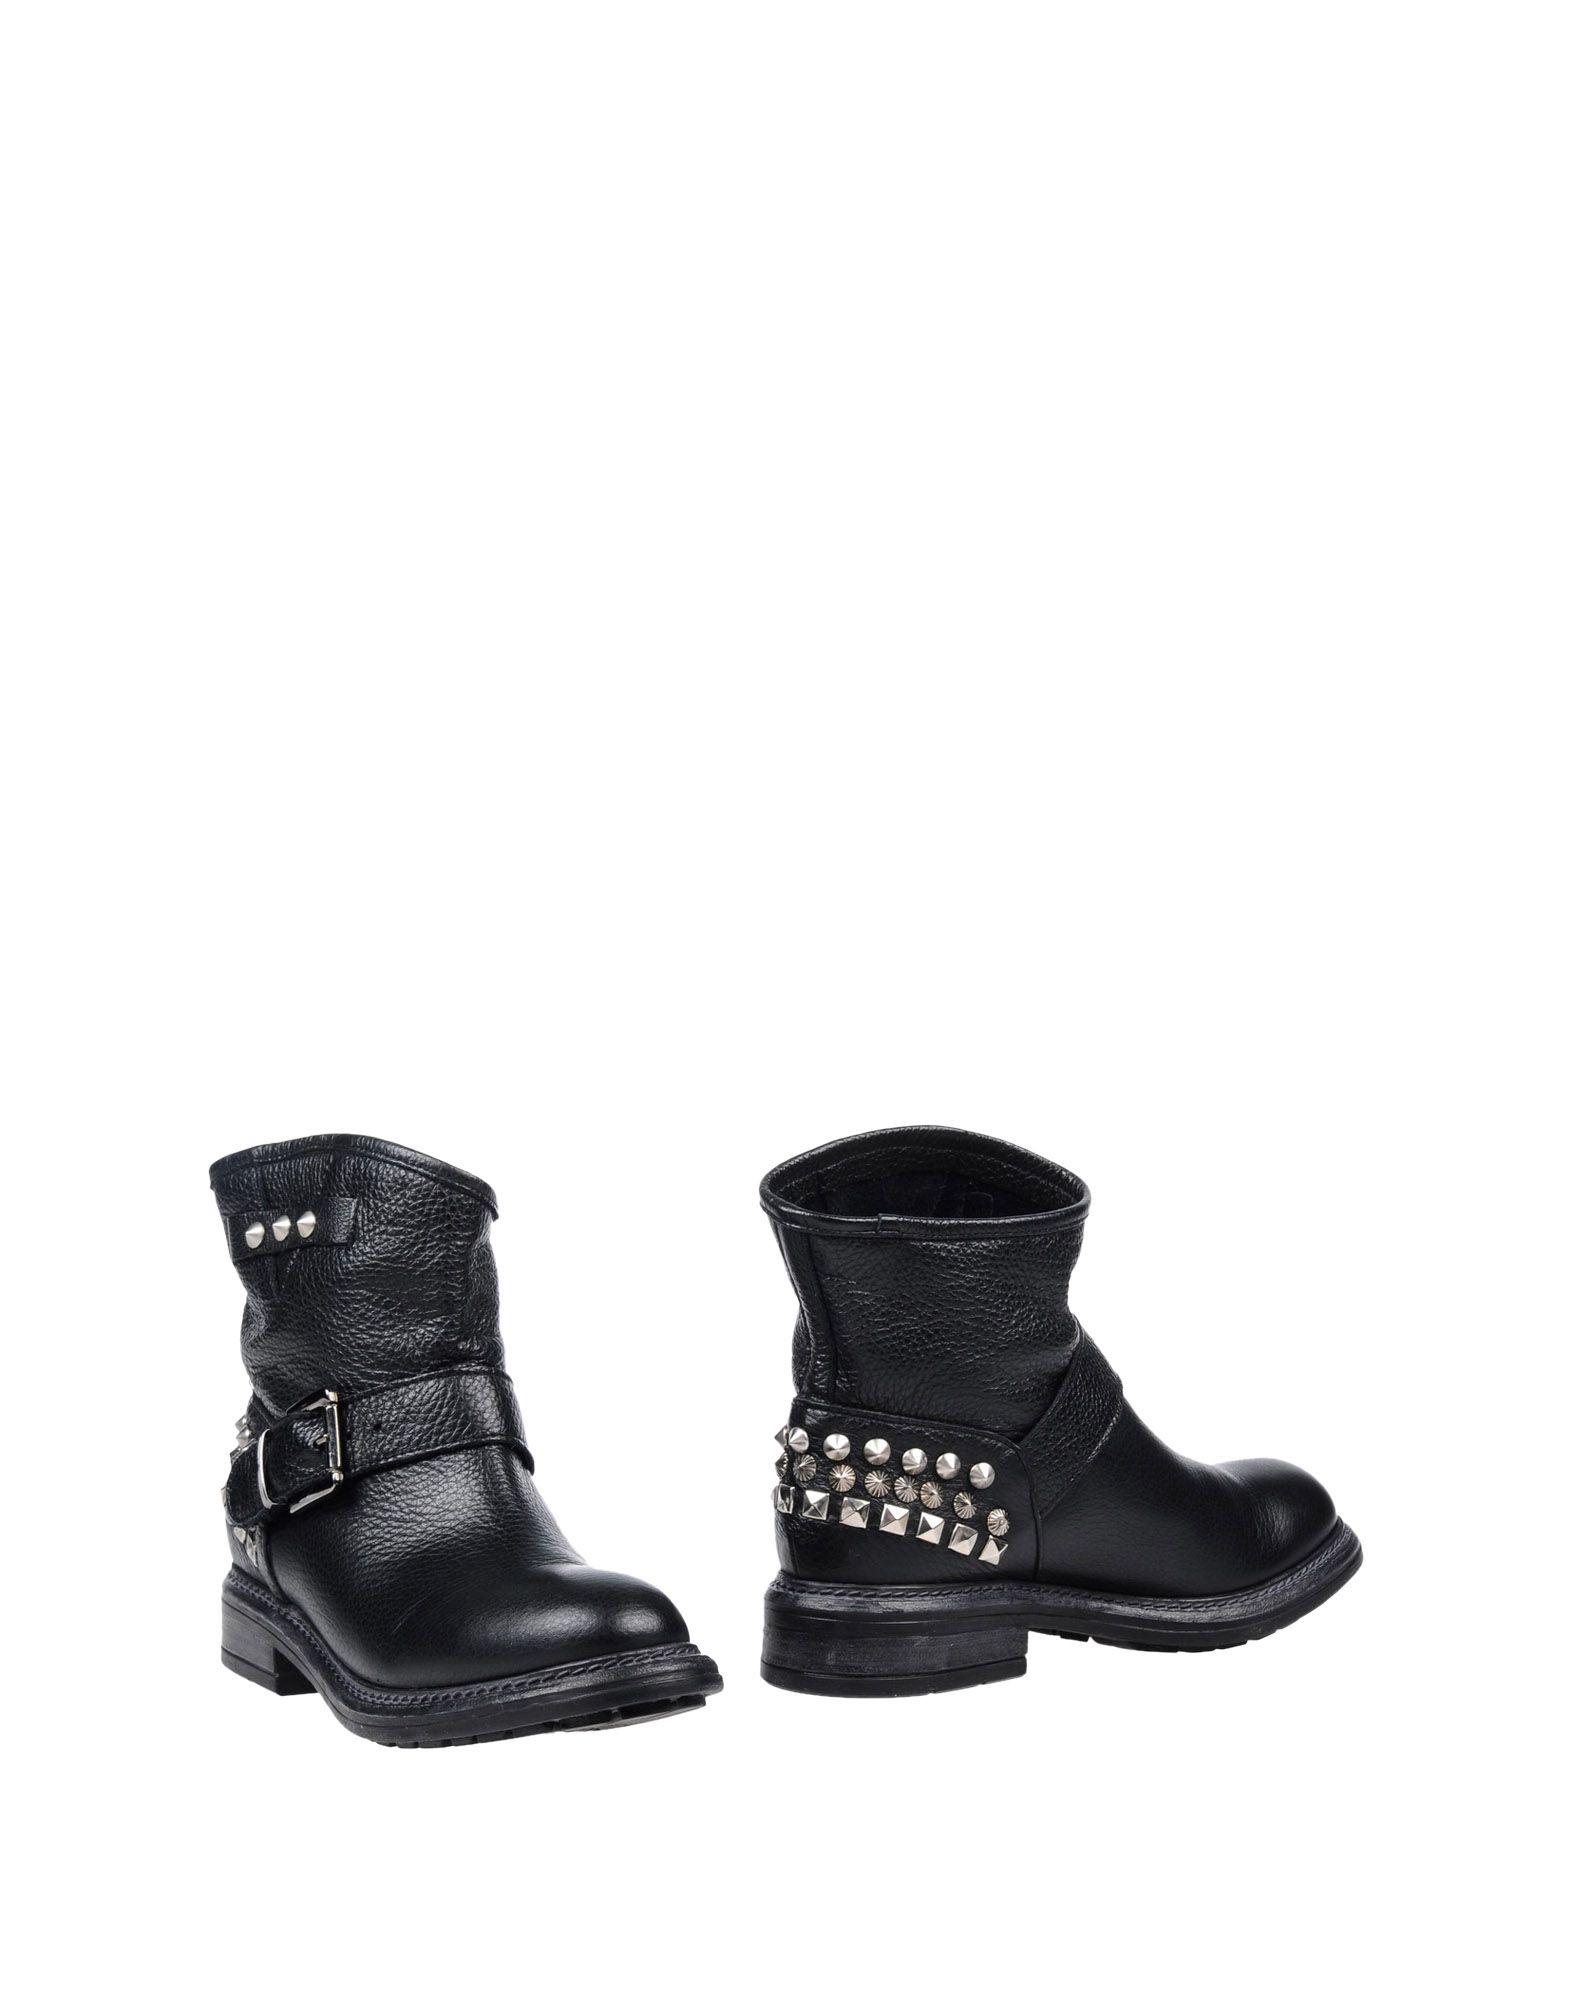 Stele Stiefelette Damen  11454505RUGut aussehende strapazierfähige Schuhe